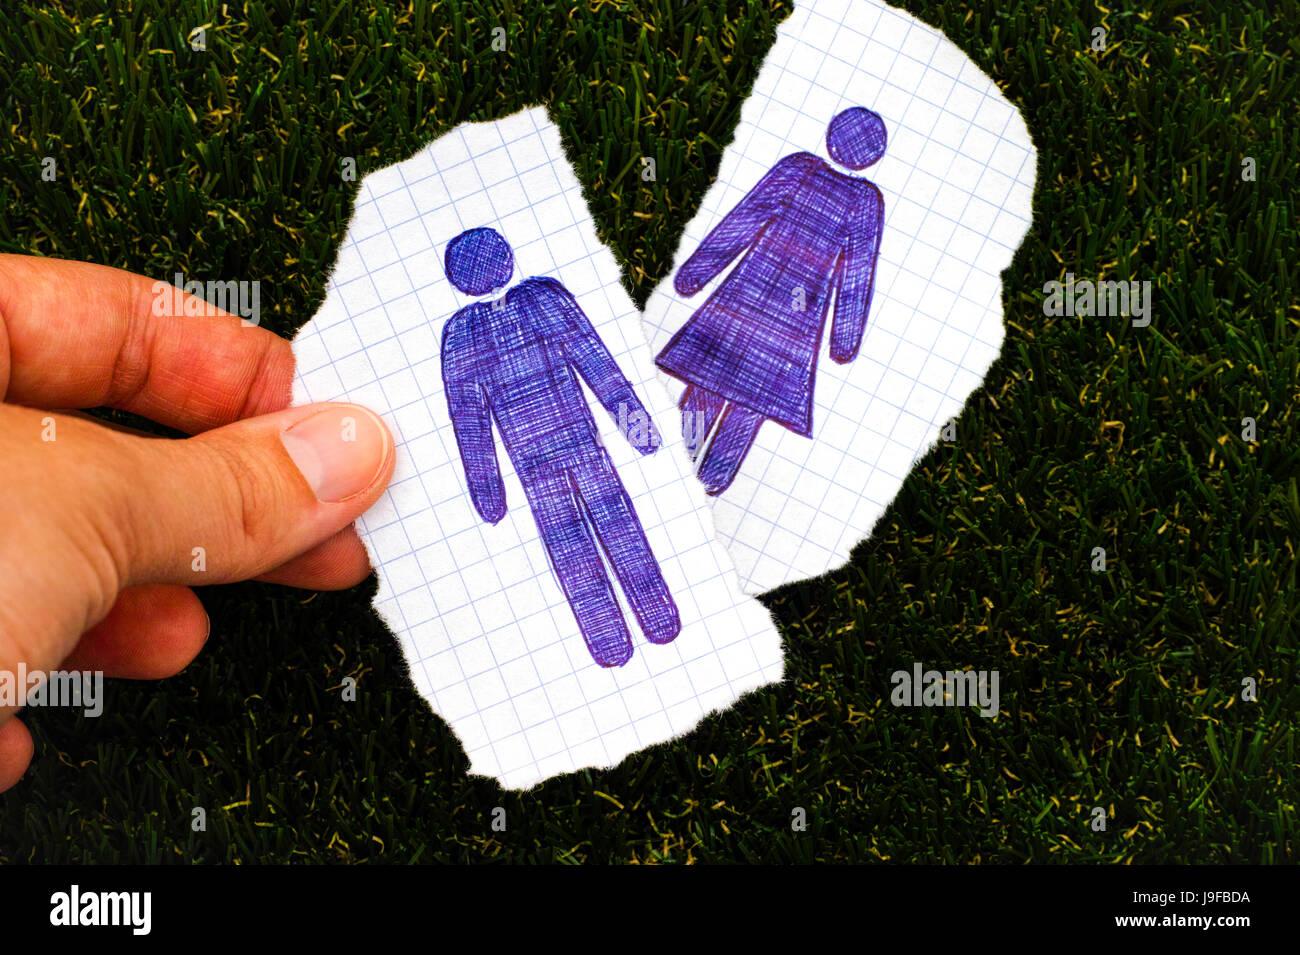 Persona dita tenendo pezzo di carta con disegnati a mano uomo figura. Altro pezzo di carta con disegnata la donna Immagini Stock